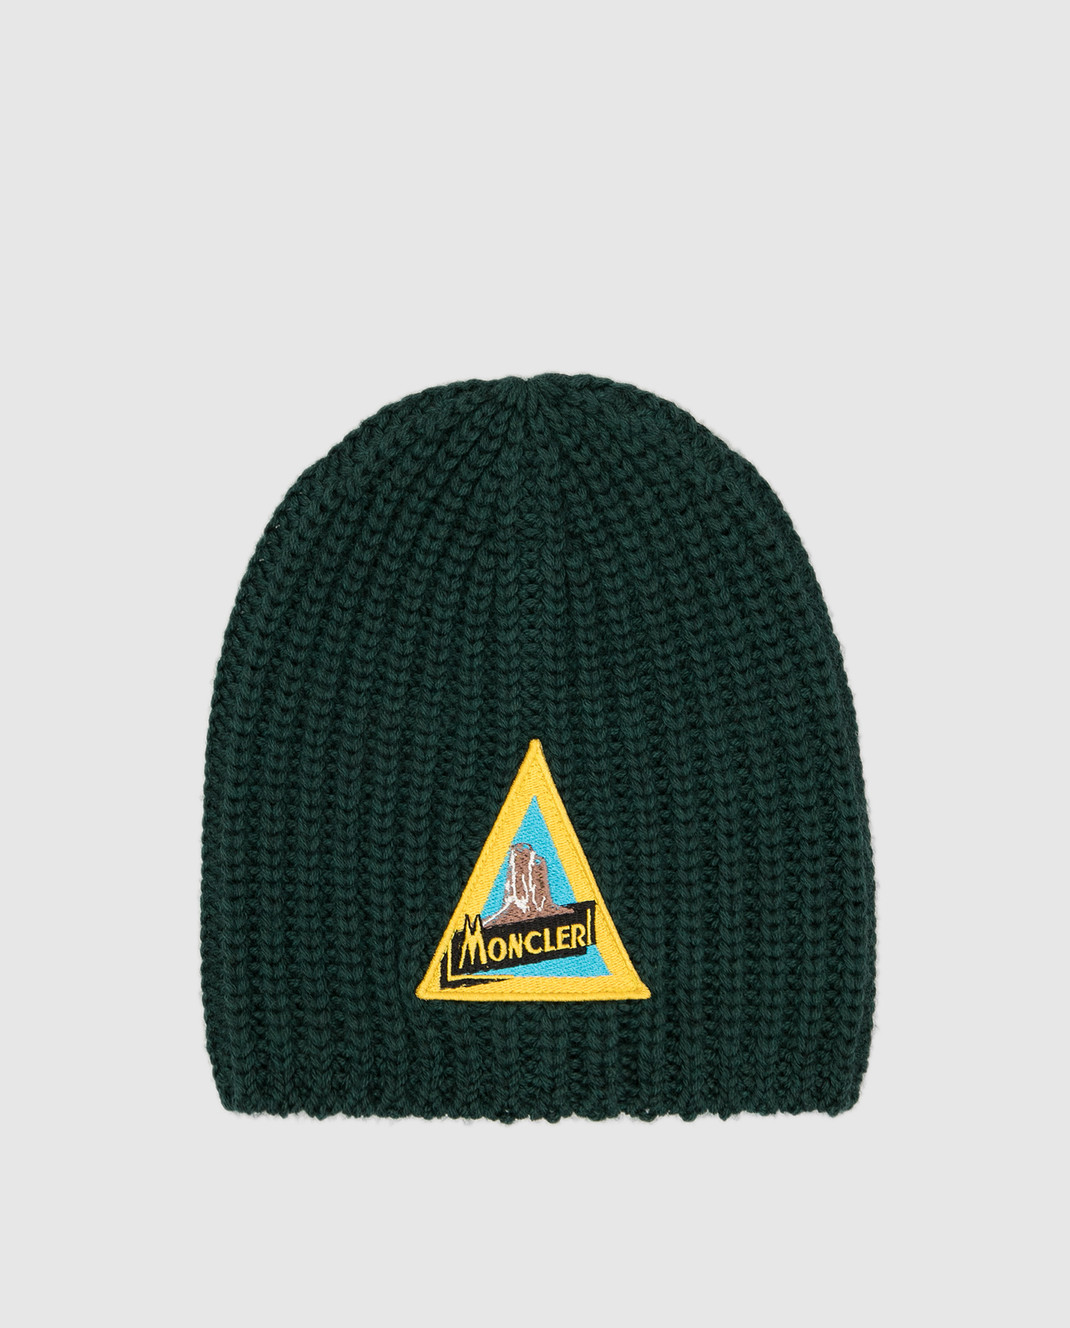 Moncler ENFANT Детская зеленая шапка из шерсти изображение 1